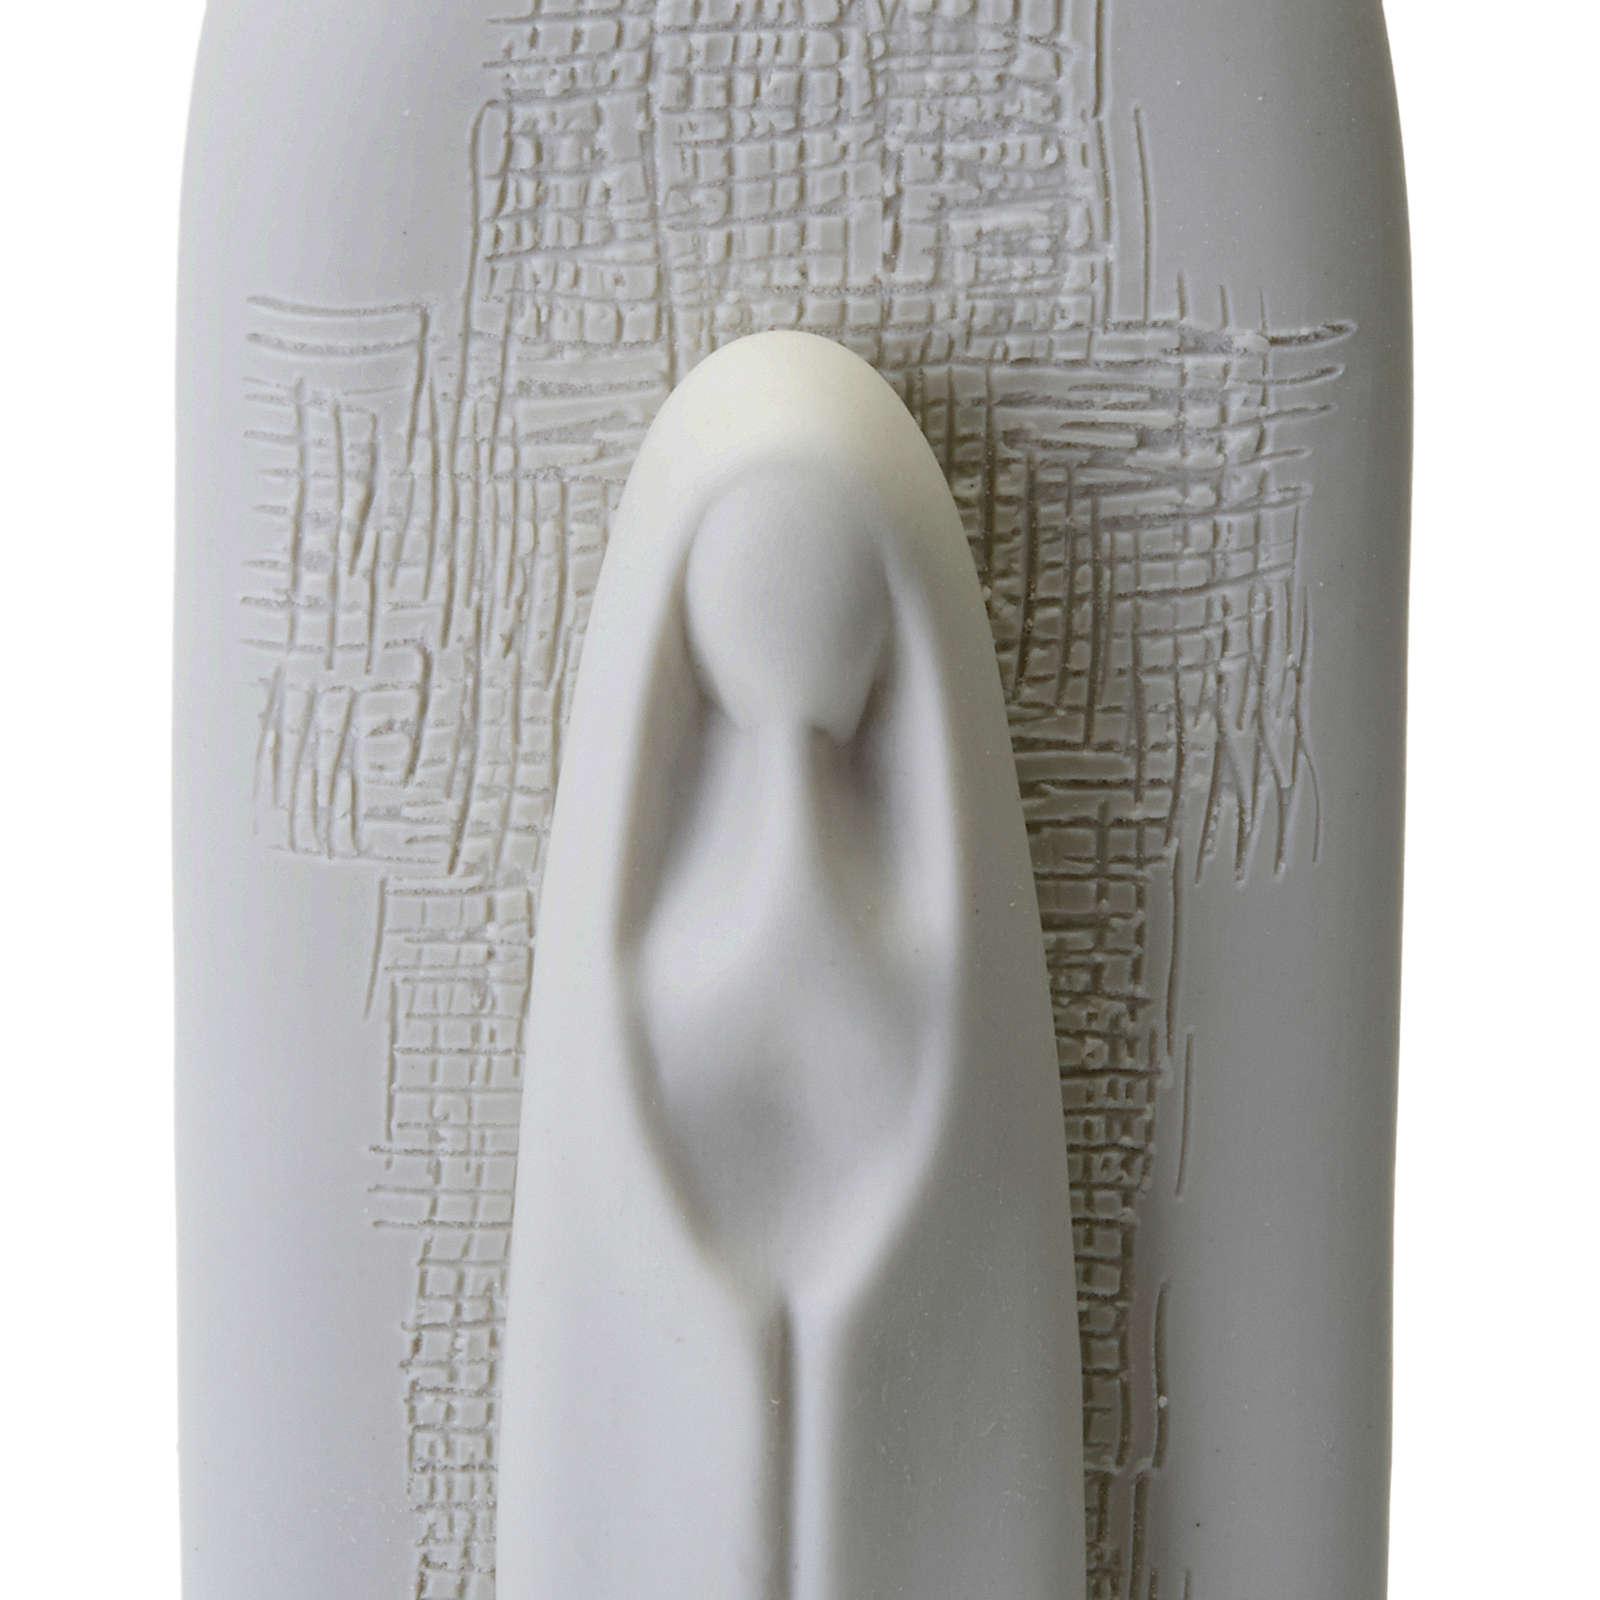 Pia de água benta com Virgem Maria 27 cm 4